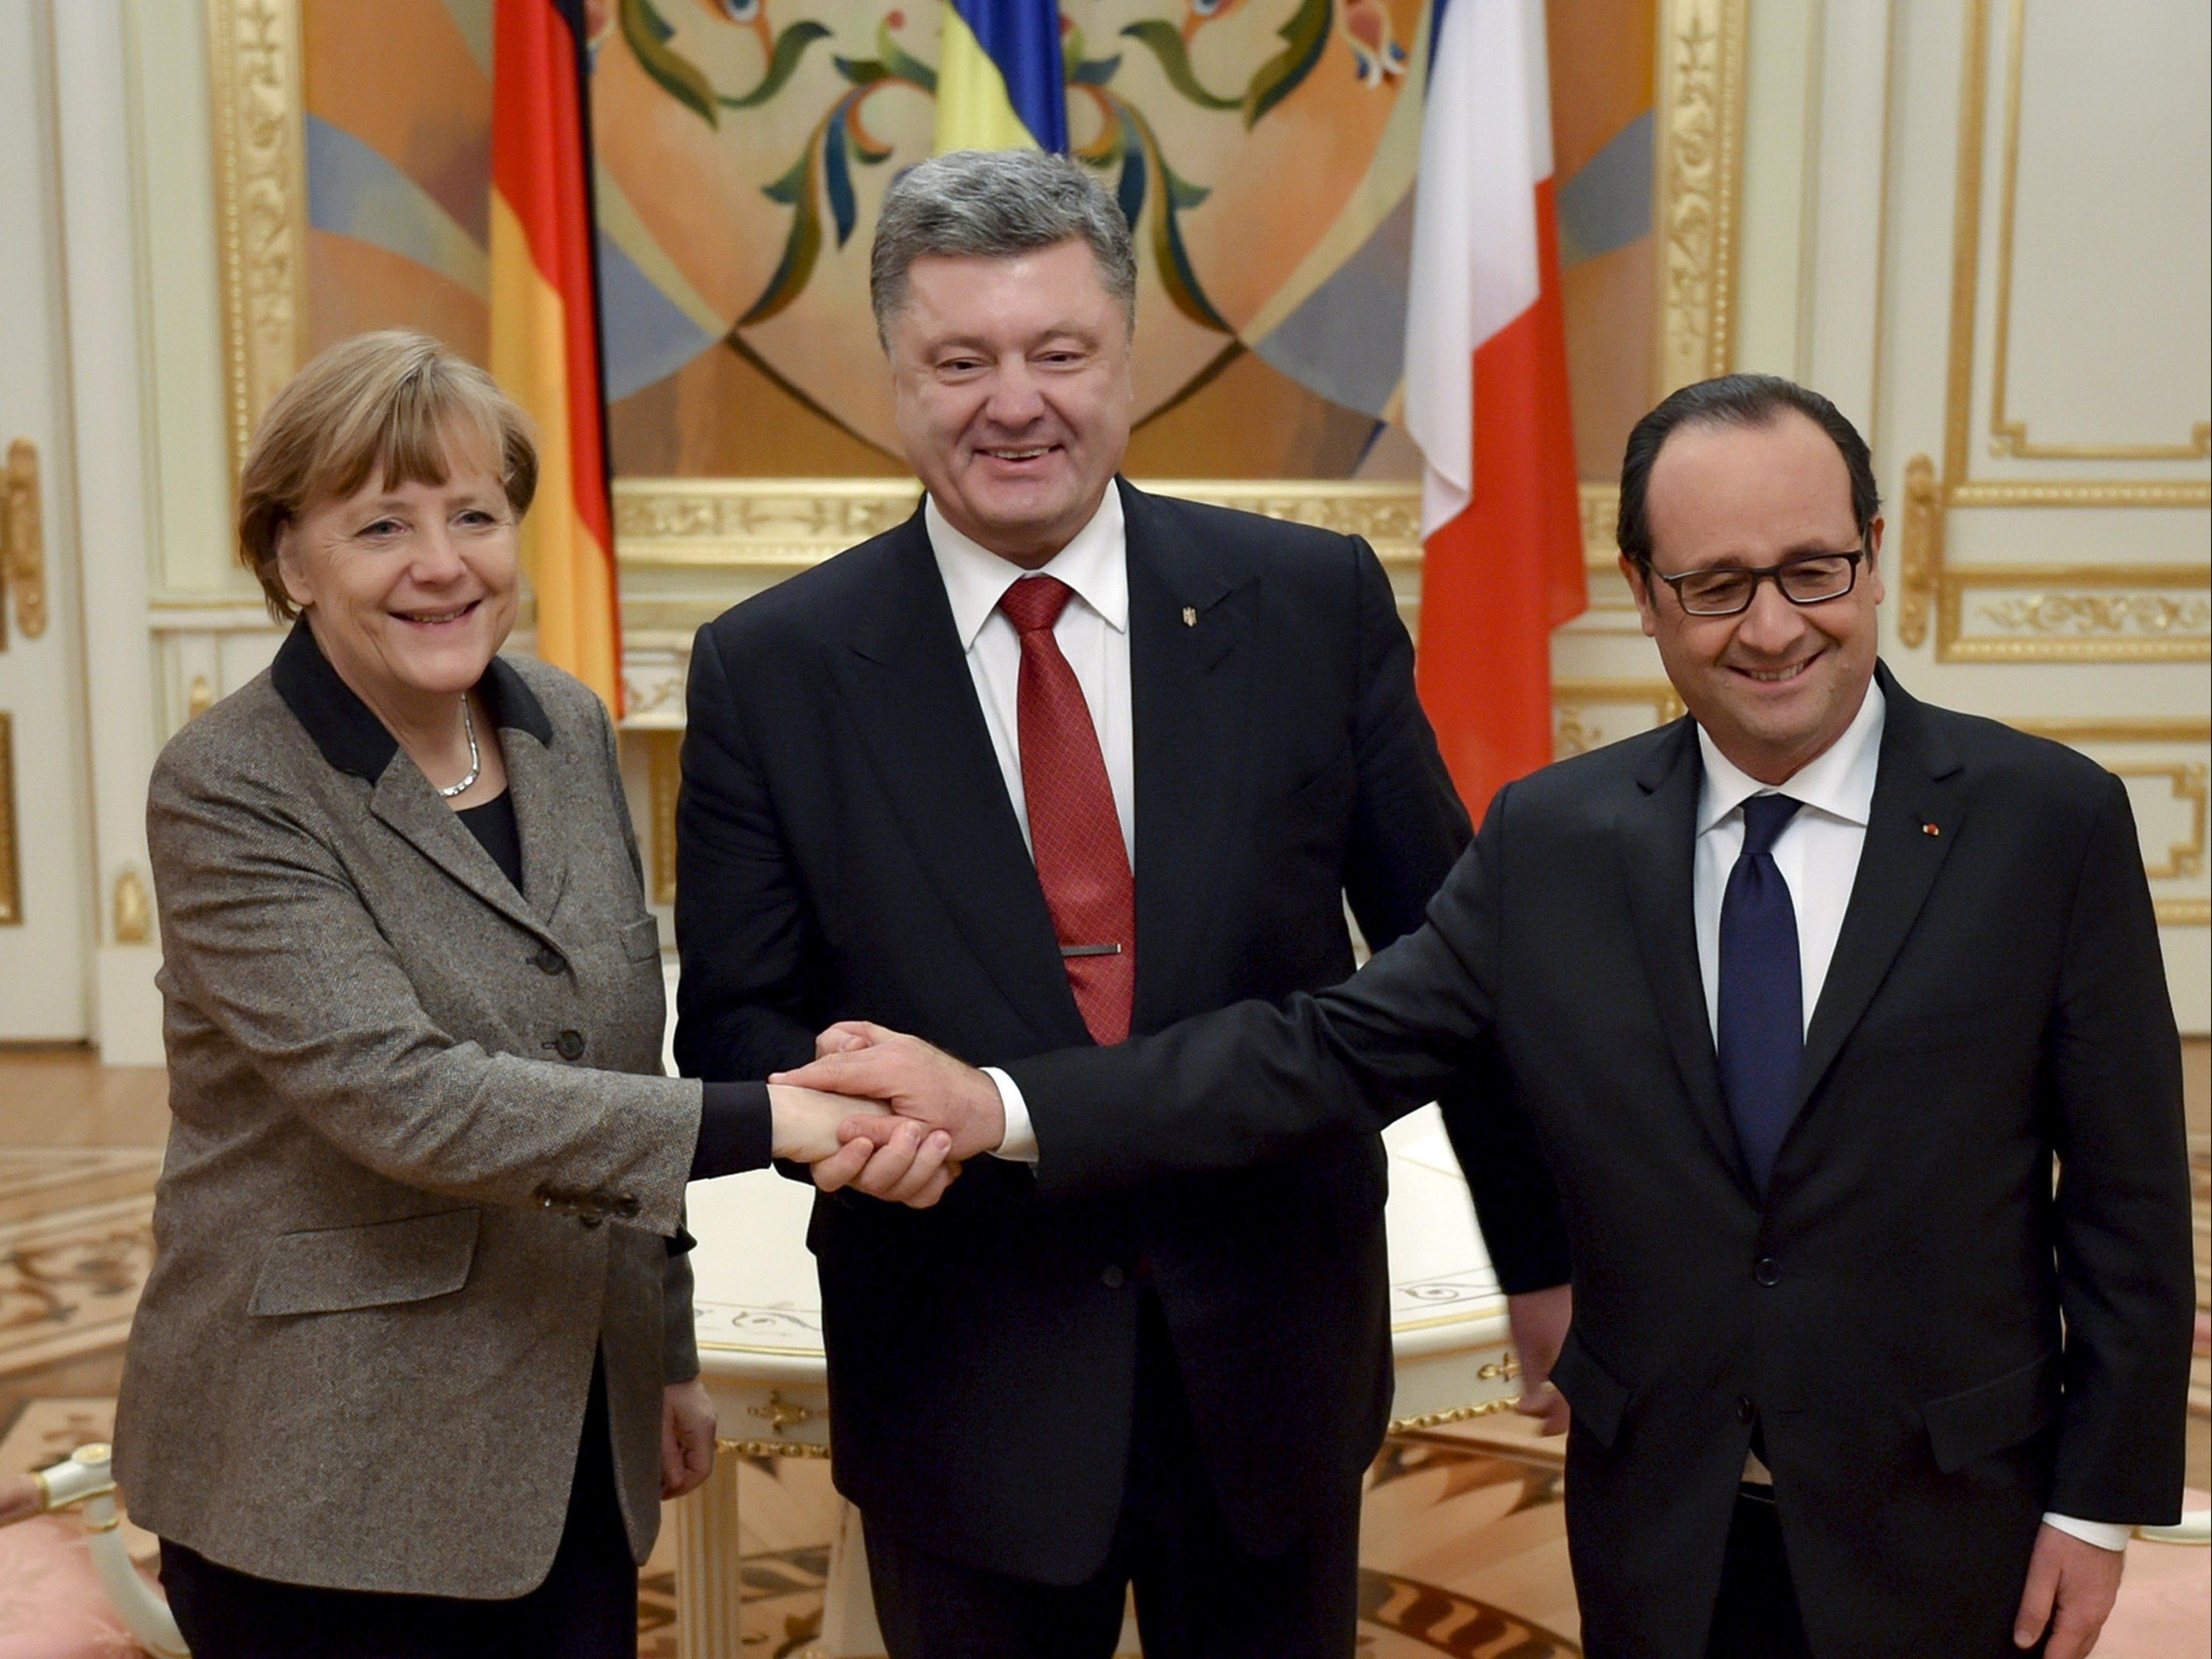 Merkel und Hollande wollen nach ihrem Gespräche mit Poroschenko nut mit Putin verhandeln.